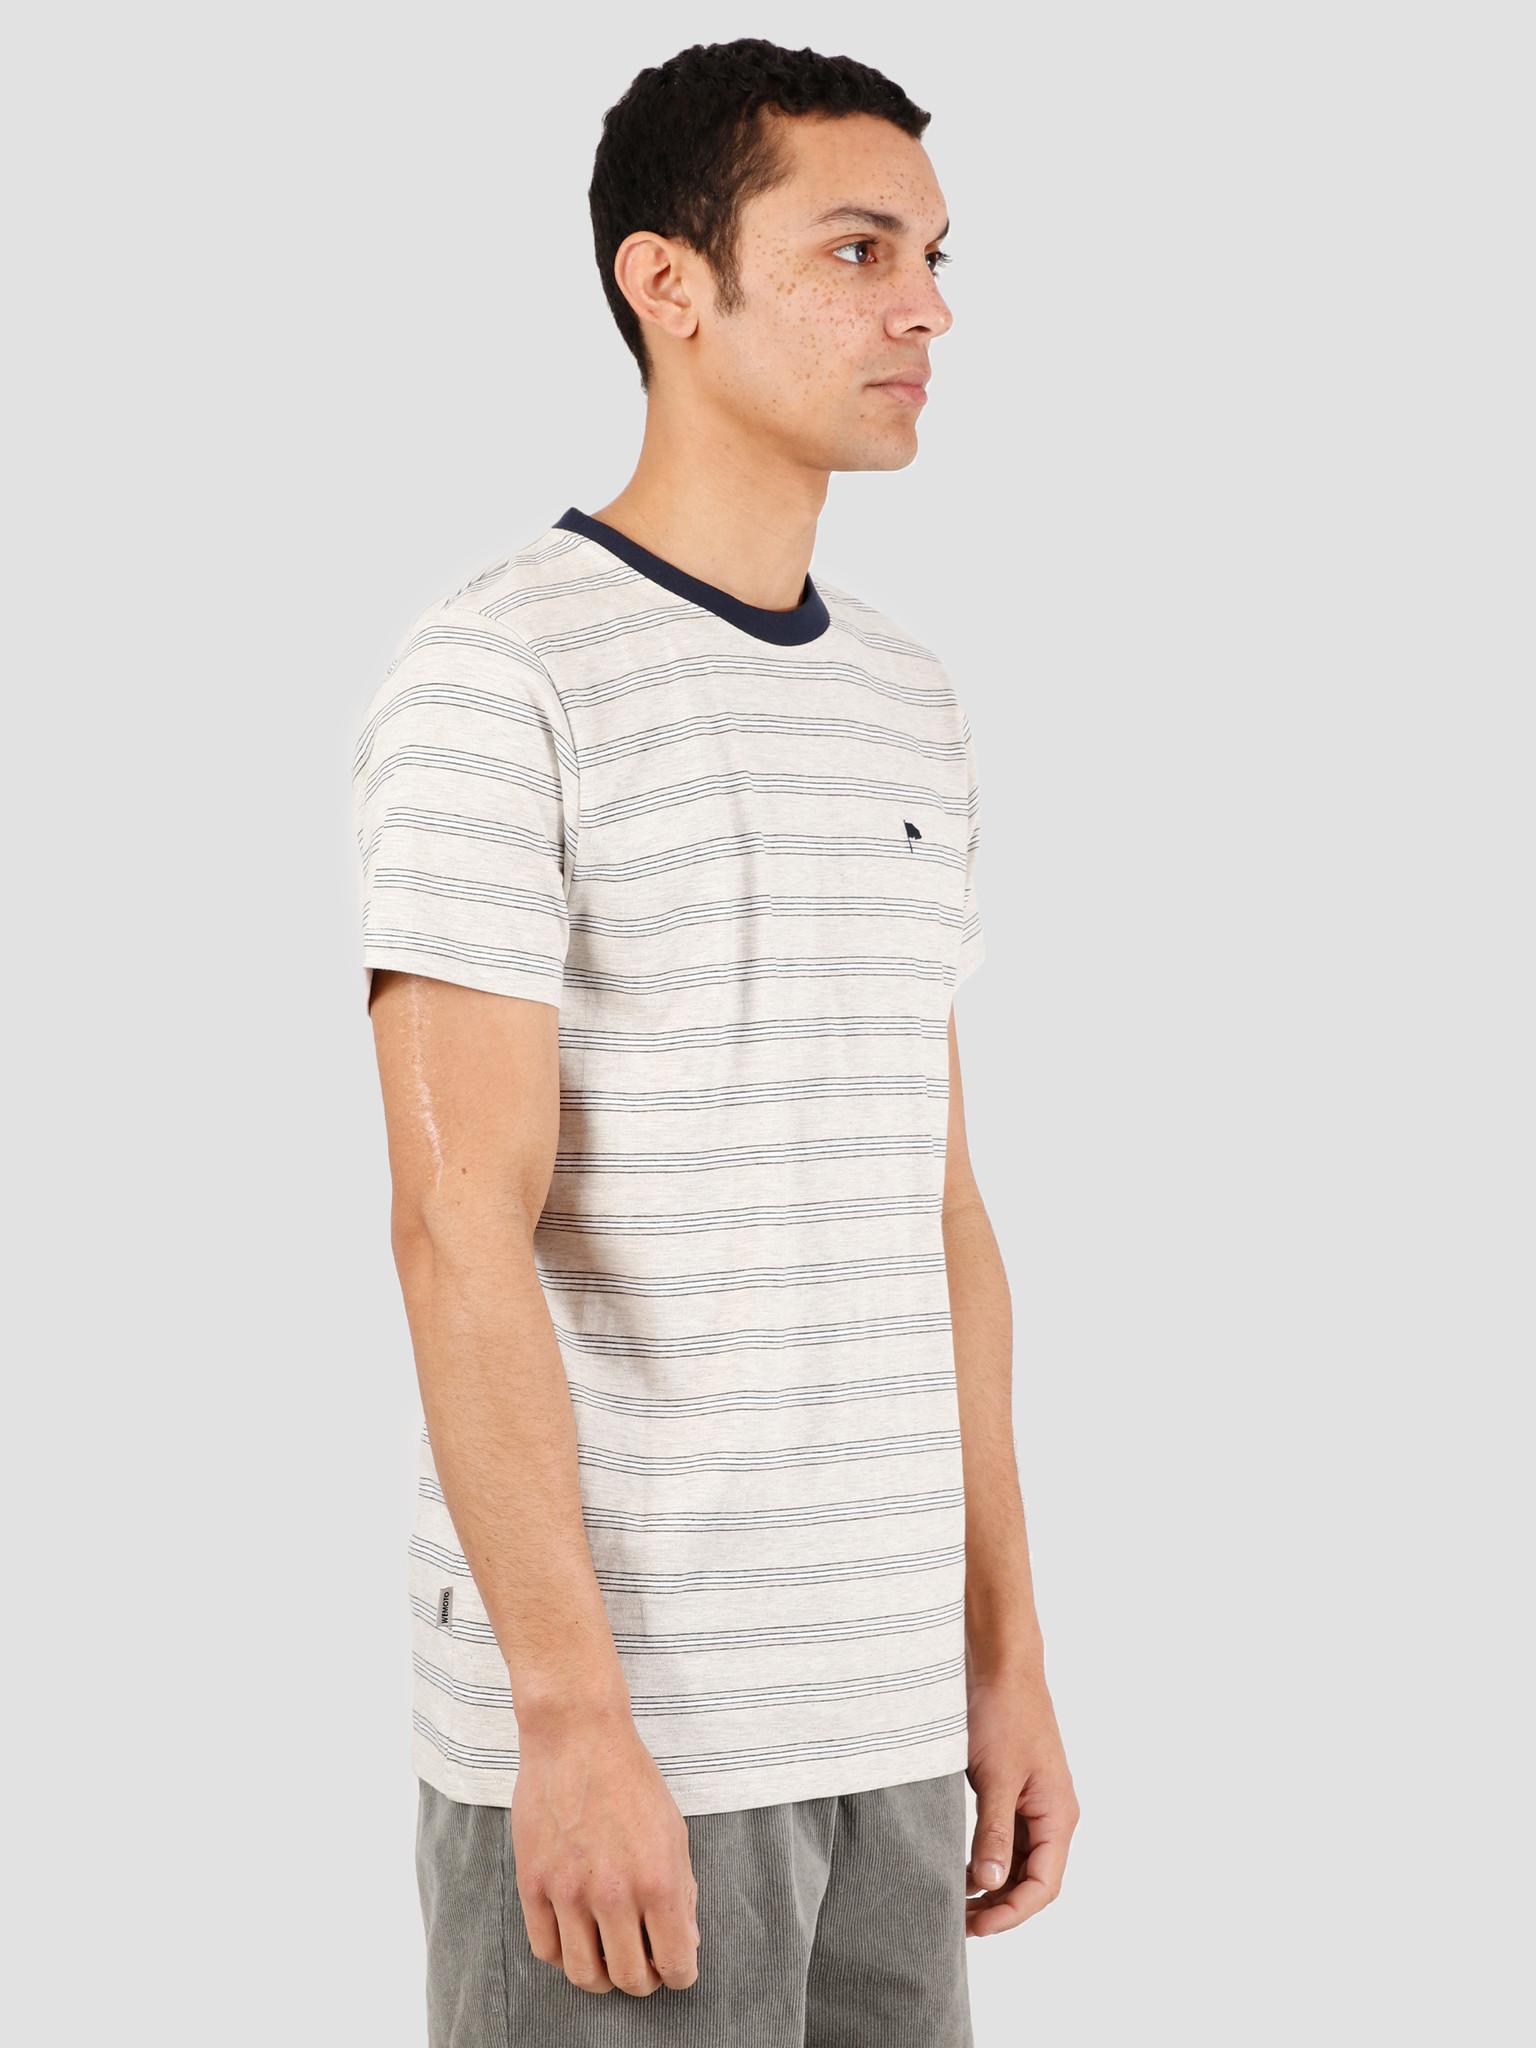 Wemoto Wemoto Warren Stripe T-Shirt Sand Melange Navy Blue 151.225-827